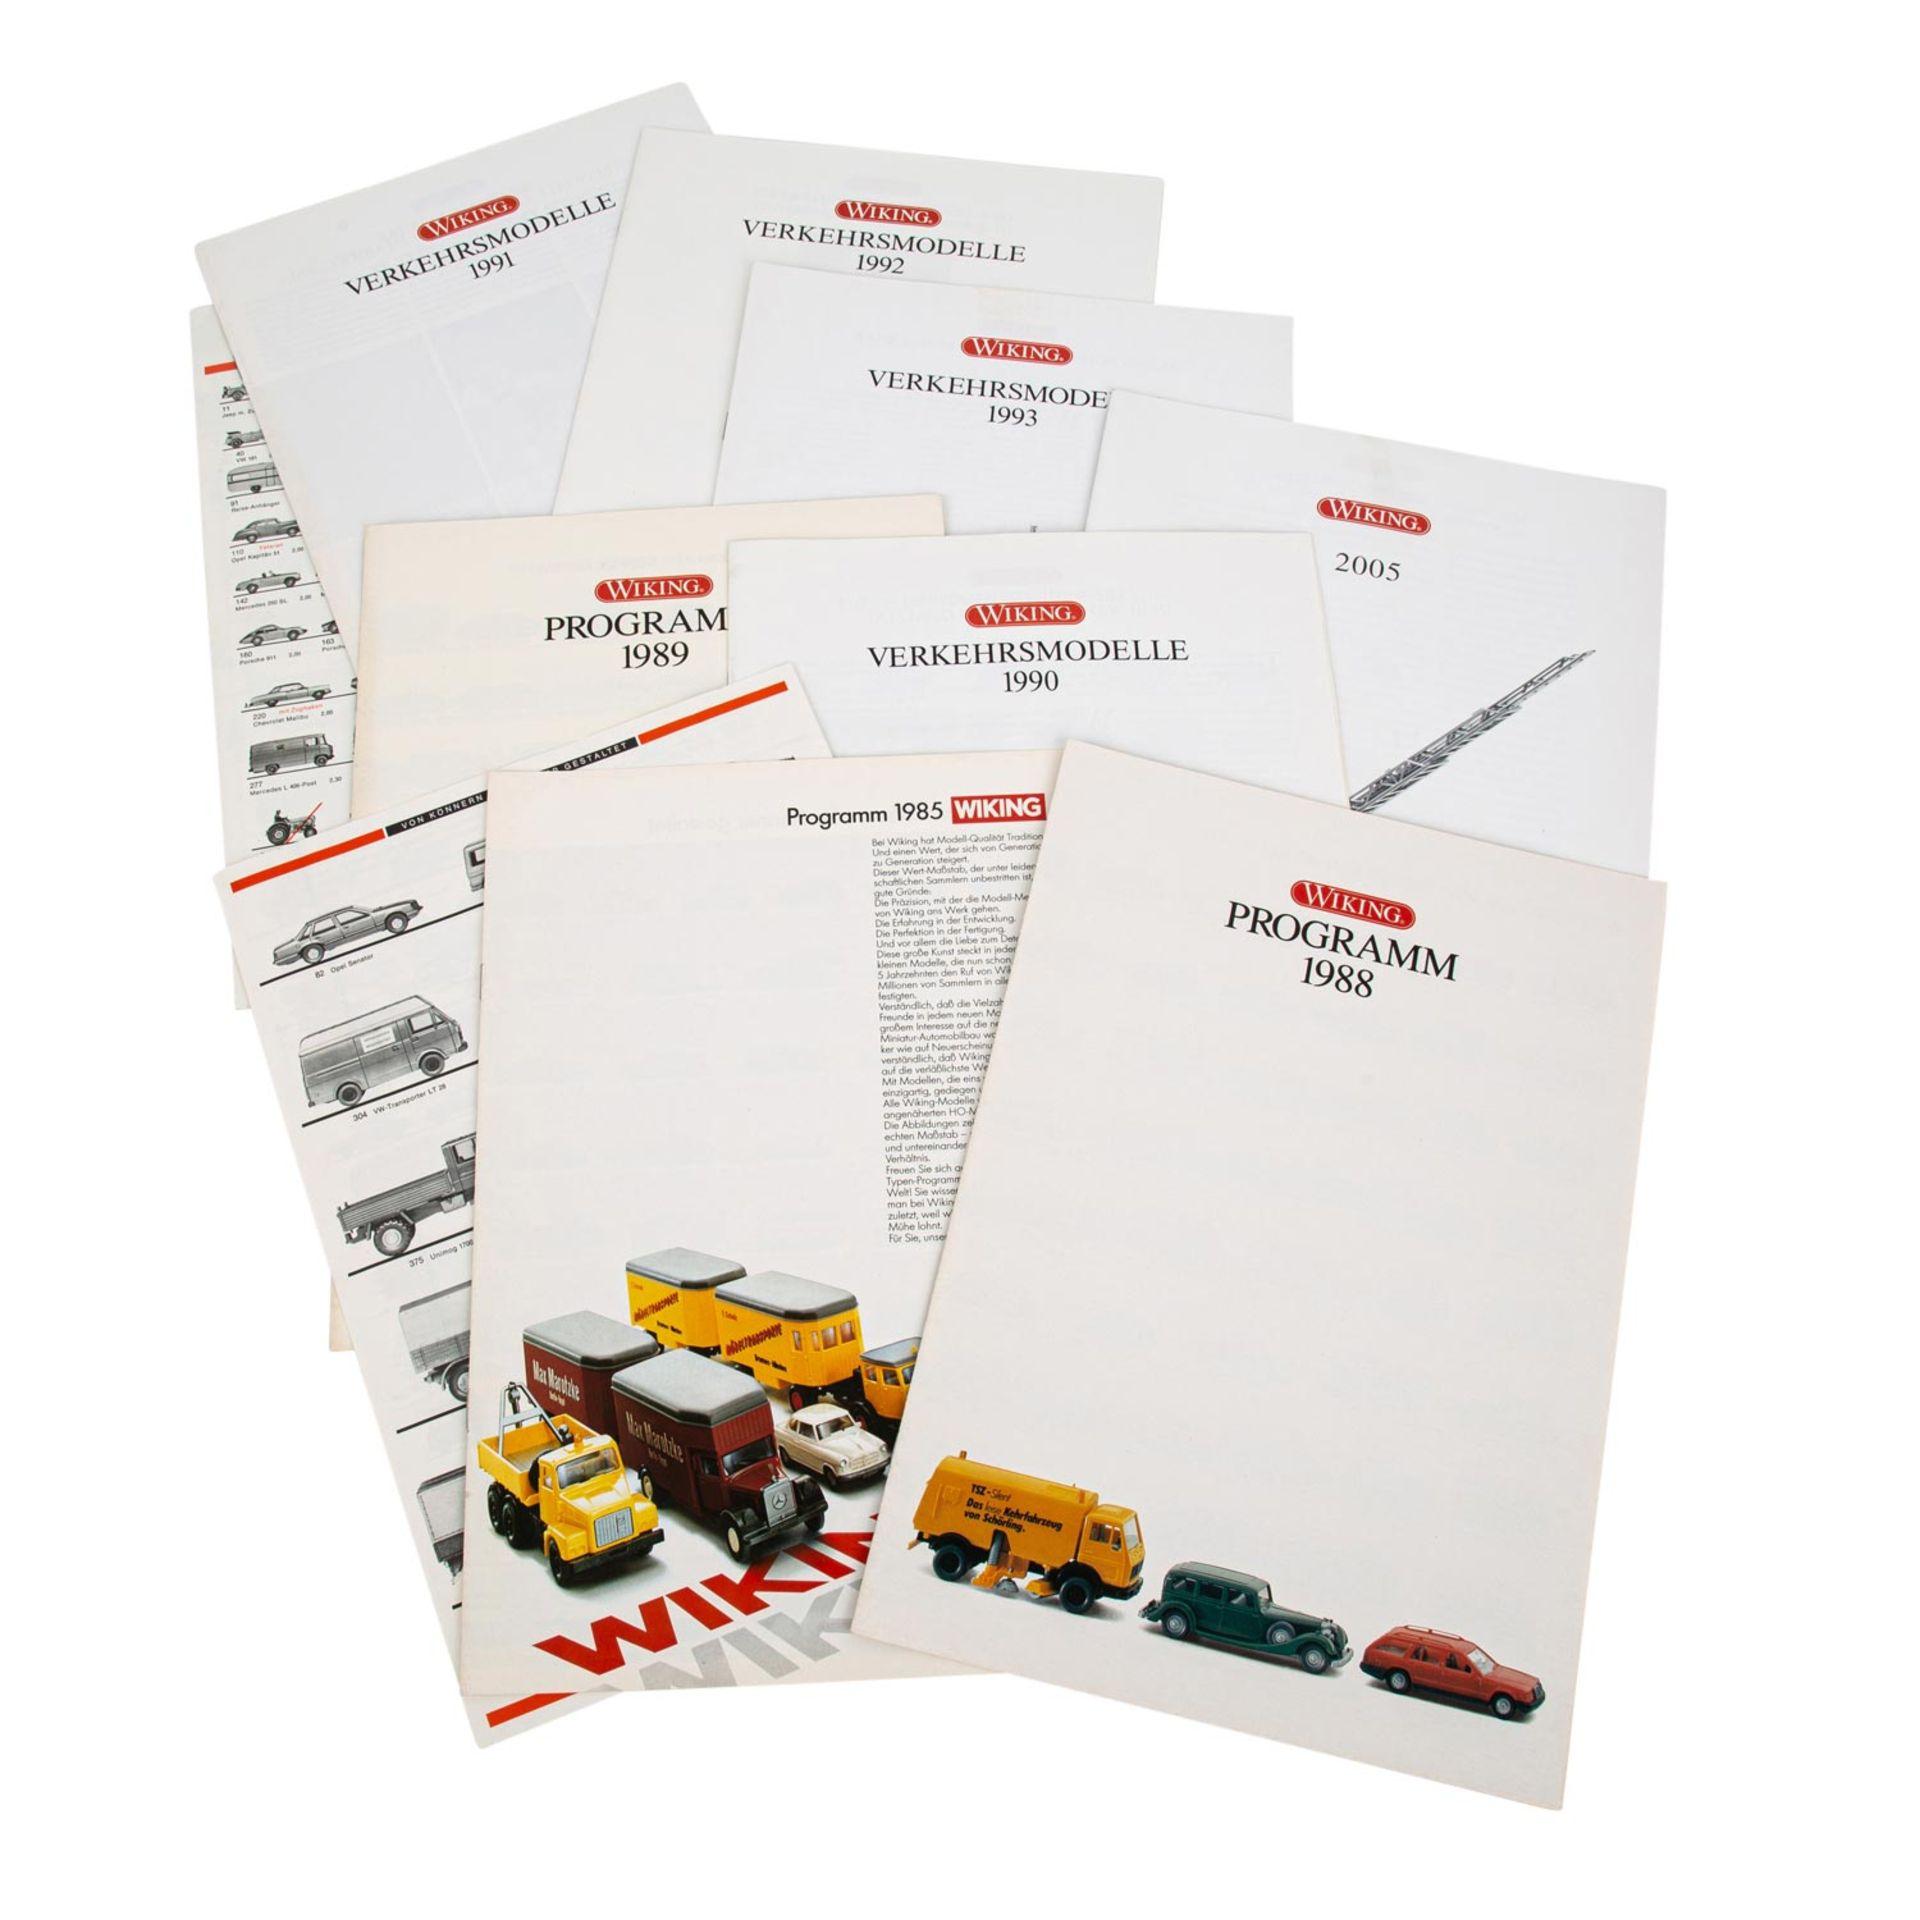 WIKING Konvolut von 25 Fahrzeugen im Maßstab 1:87,in rotem Wiking-Sammelkasten, versc - Bild 3 aus 3